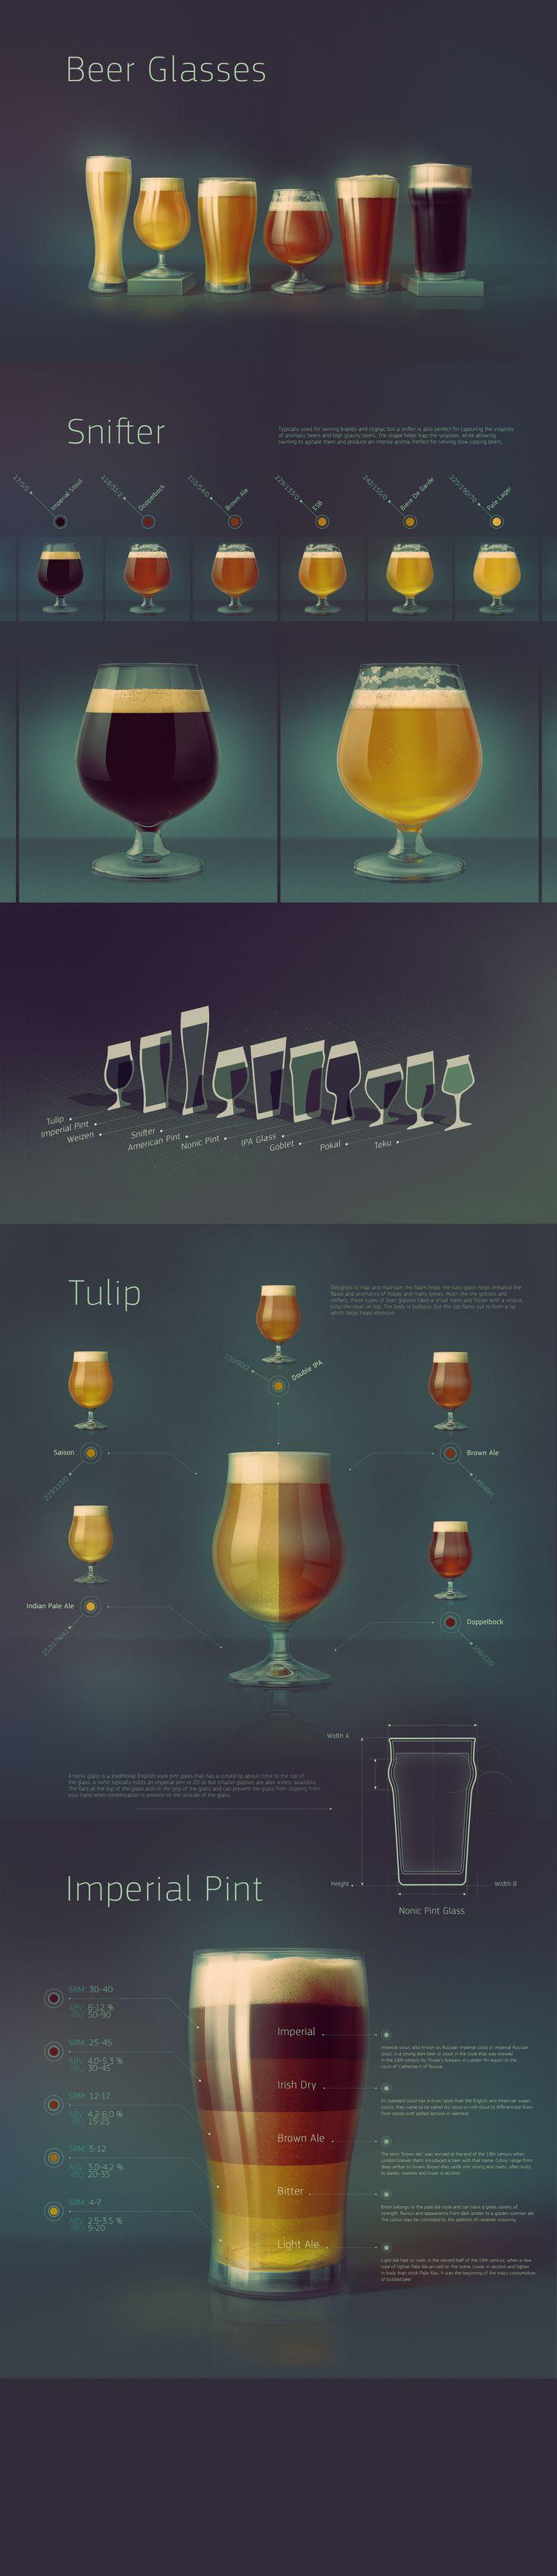 Beer Glasses on Behance